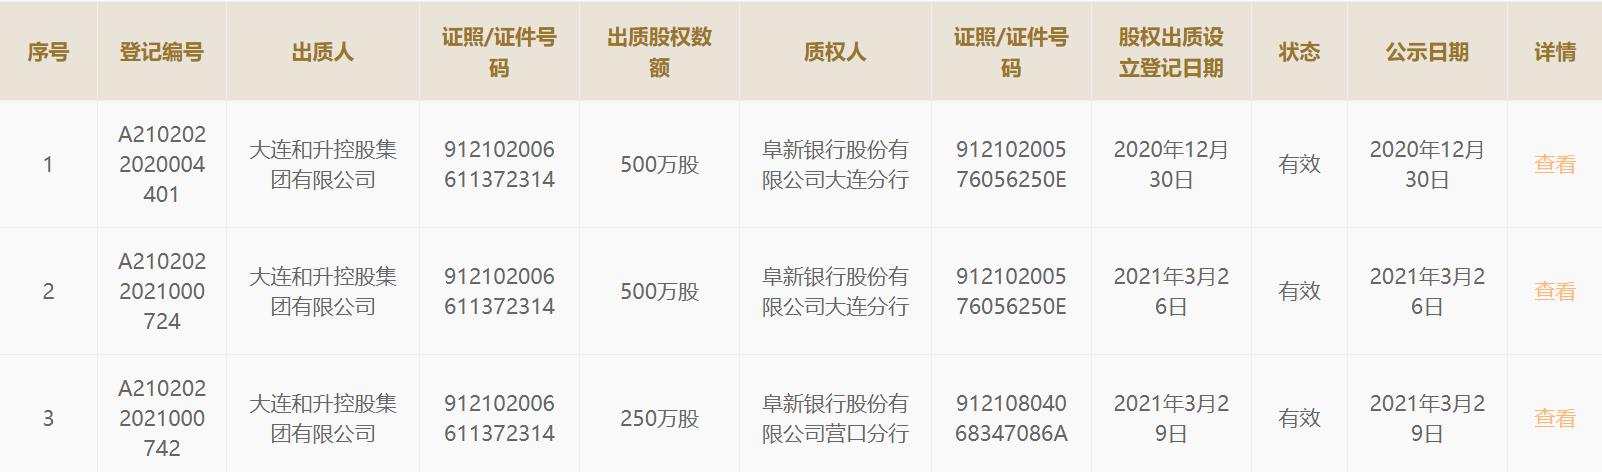 和盛部变动:益阳新通大股东股权质押的半导体公司欢迎康佳入股